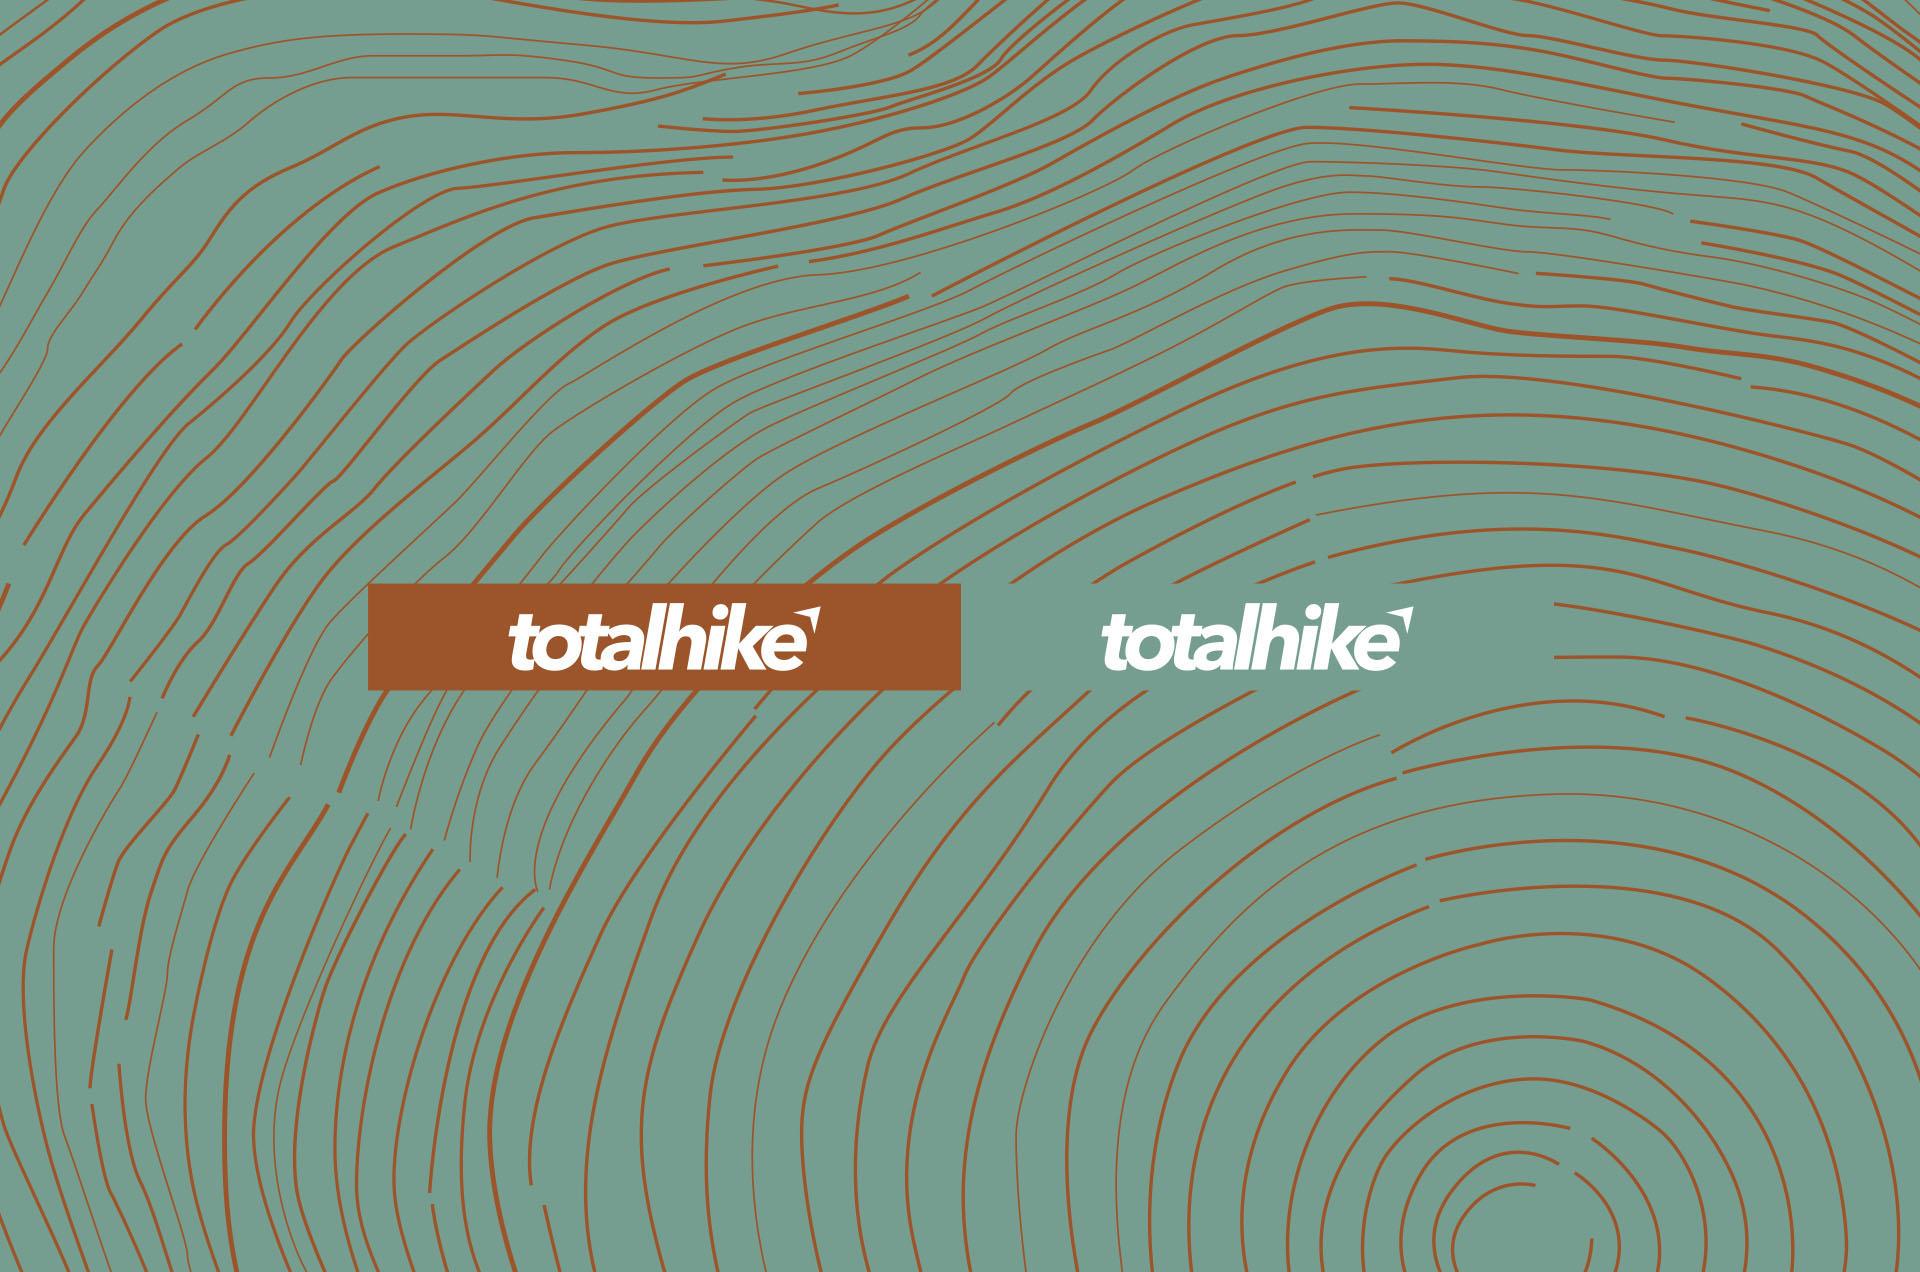 totalhike_texturas y variaciones de color